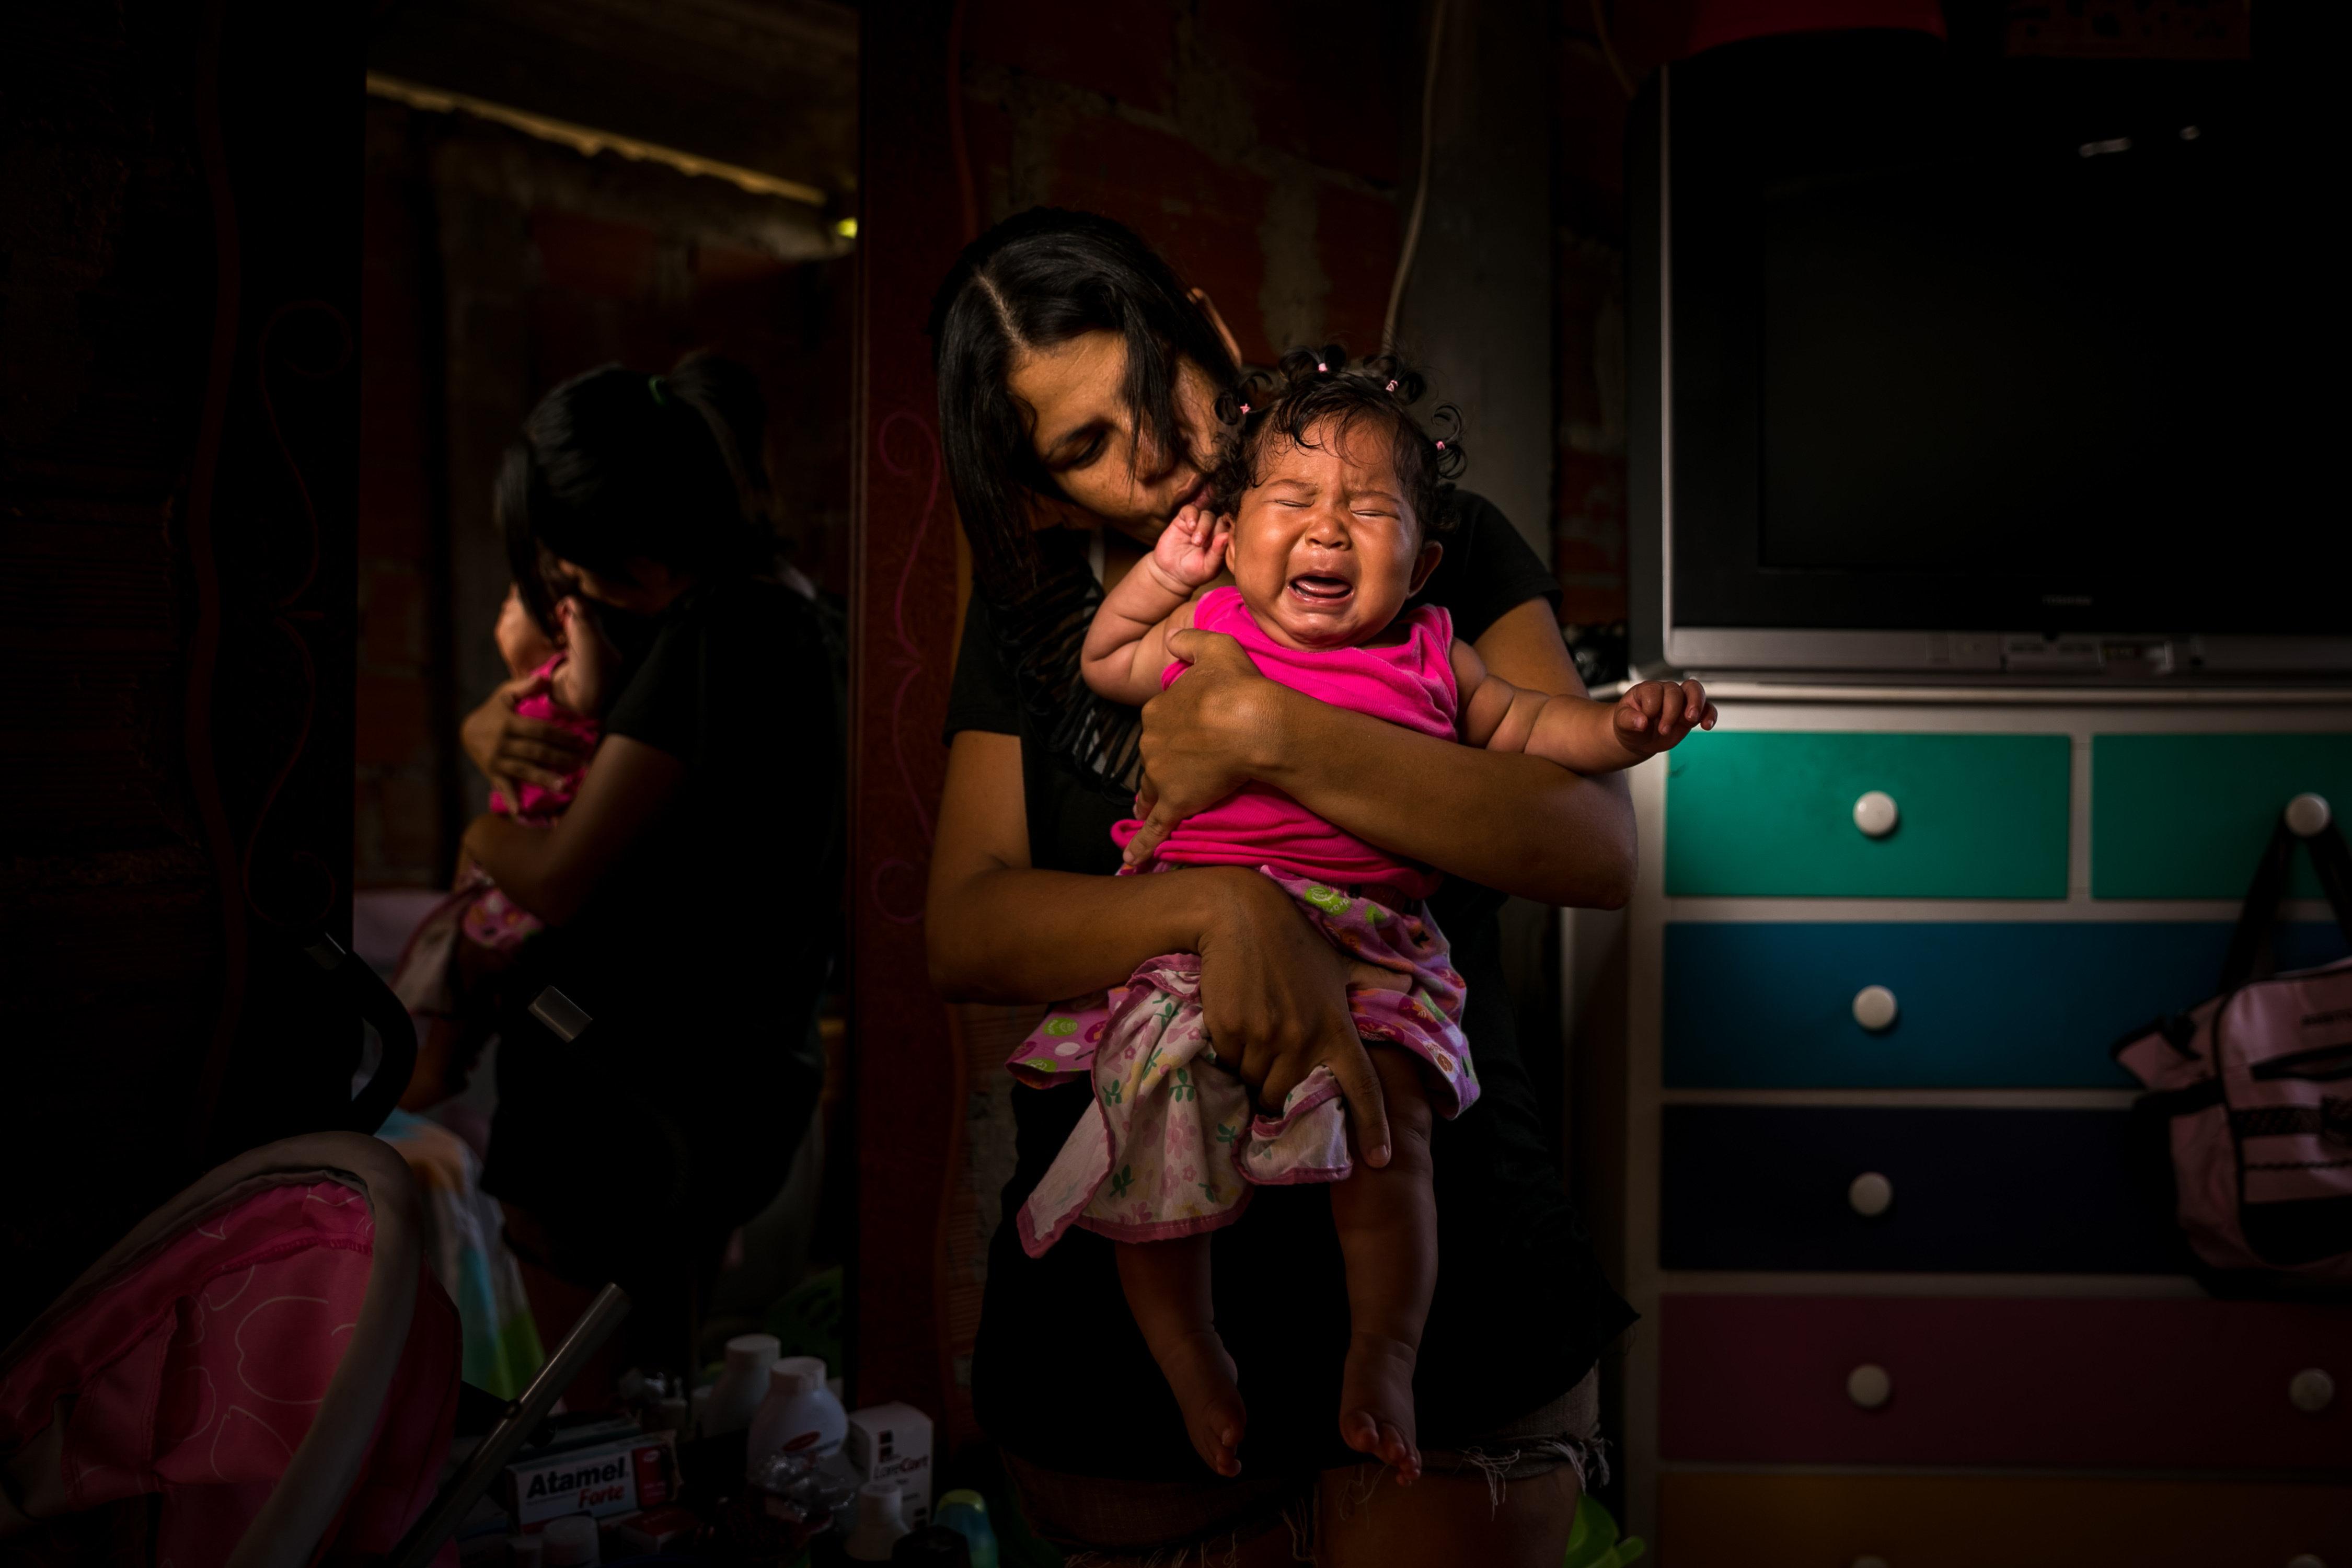 Una mare que pateix malària aguanta la seva filla, que pateix ceguera parcial. El repunt d'almenys tres malalties infeccioses i víriques a Veneçuela ha deixat veure el debilitament del seu sistema sanitari. /MIGUEL GUTIÉRREZ